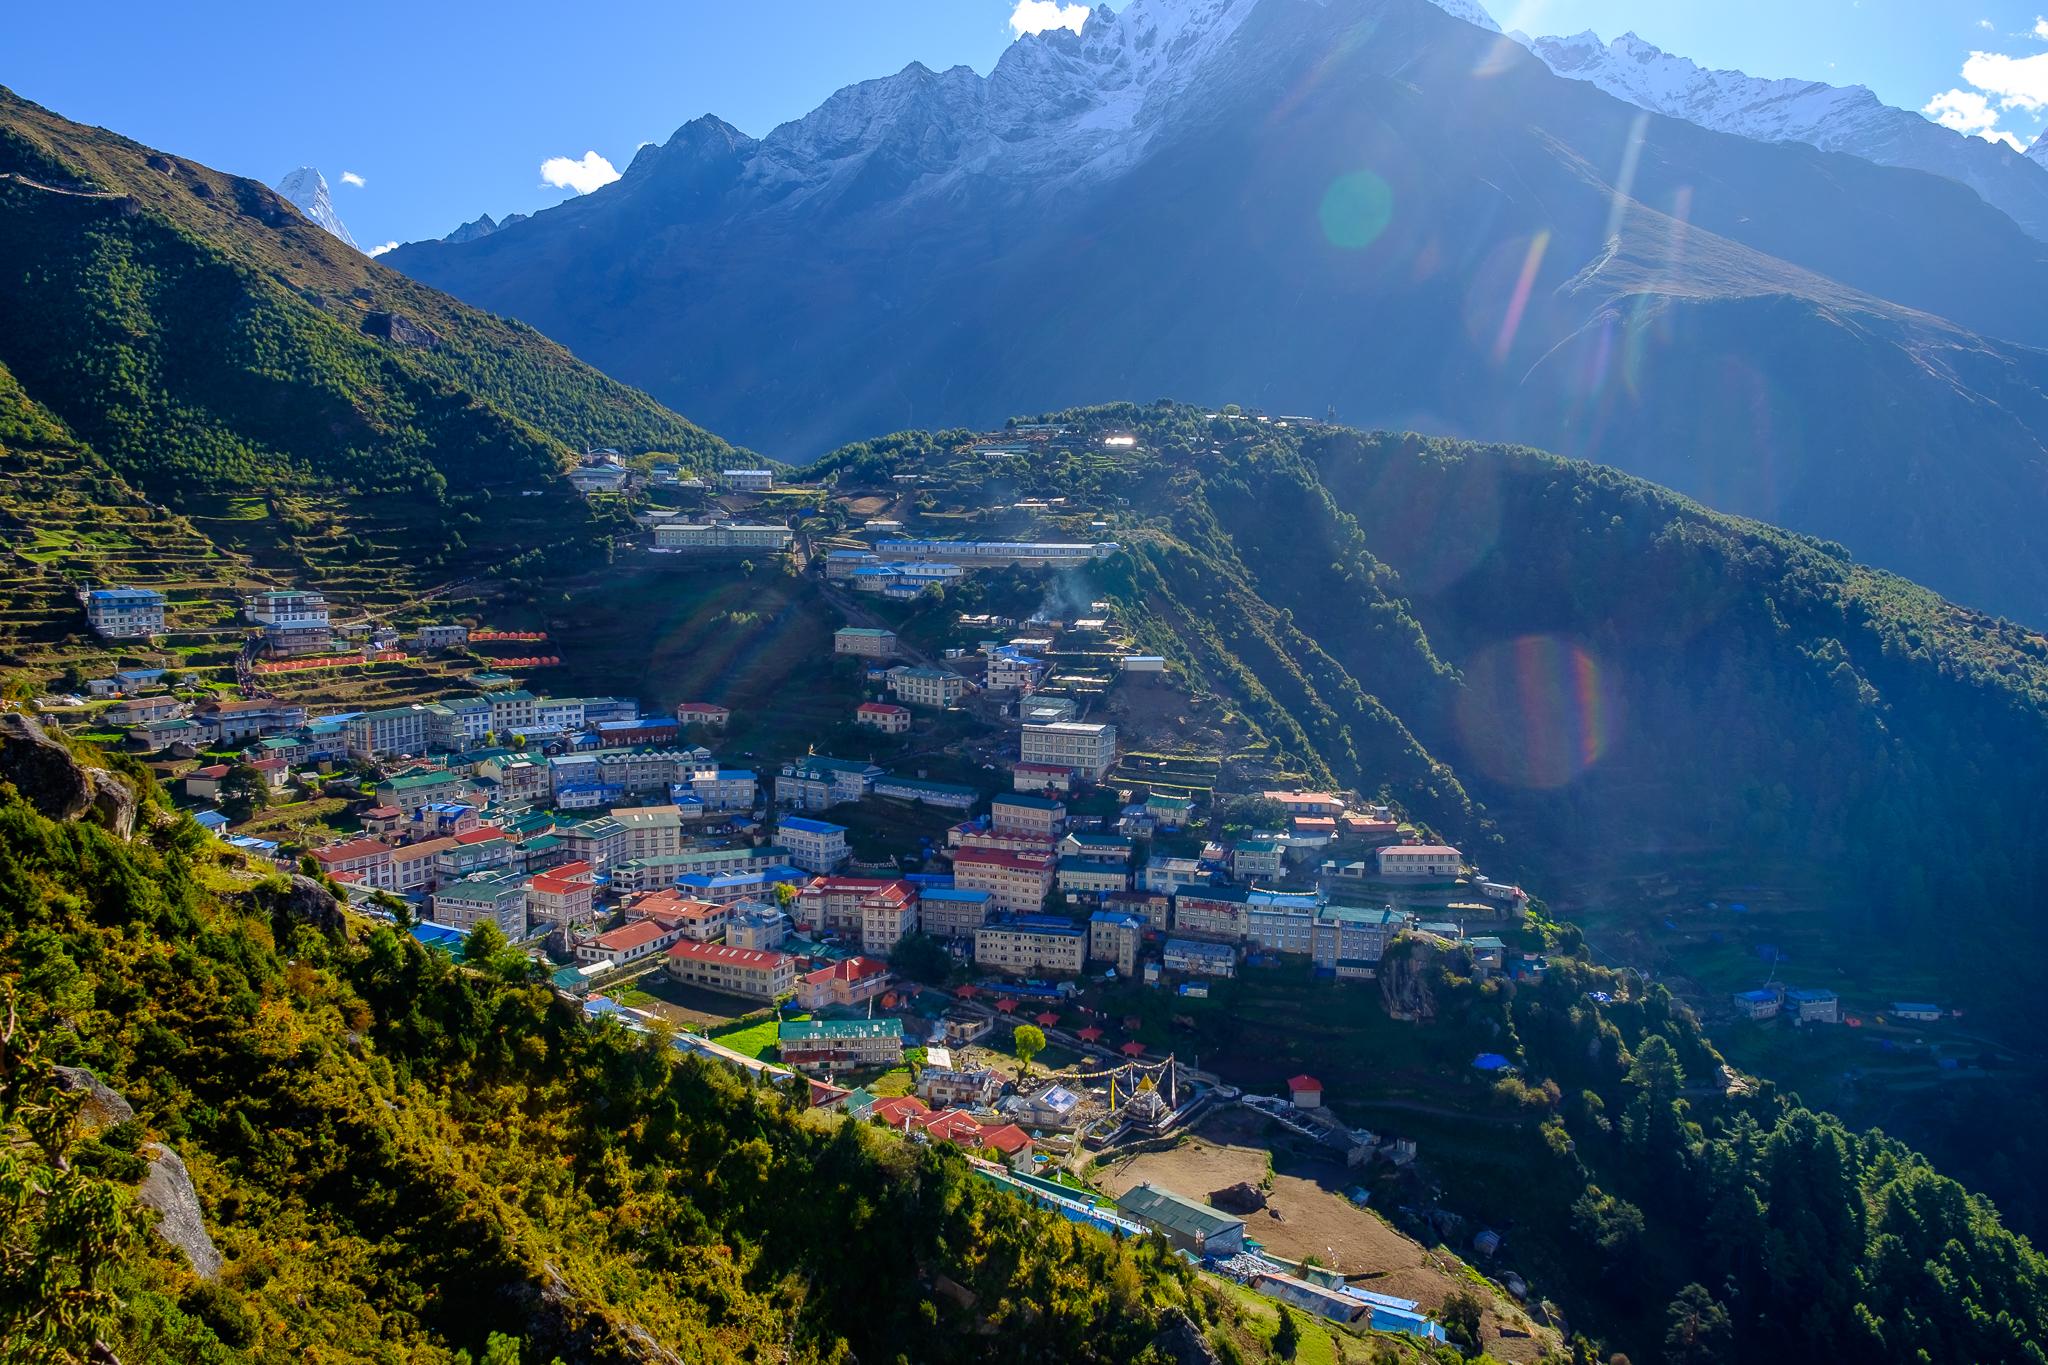 EverestTrekPart3_001.jpg